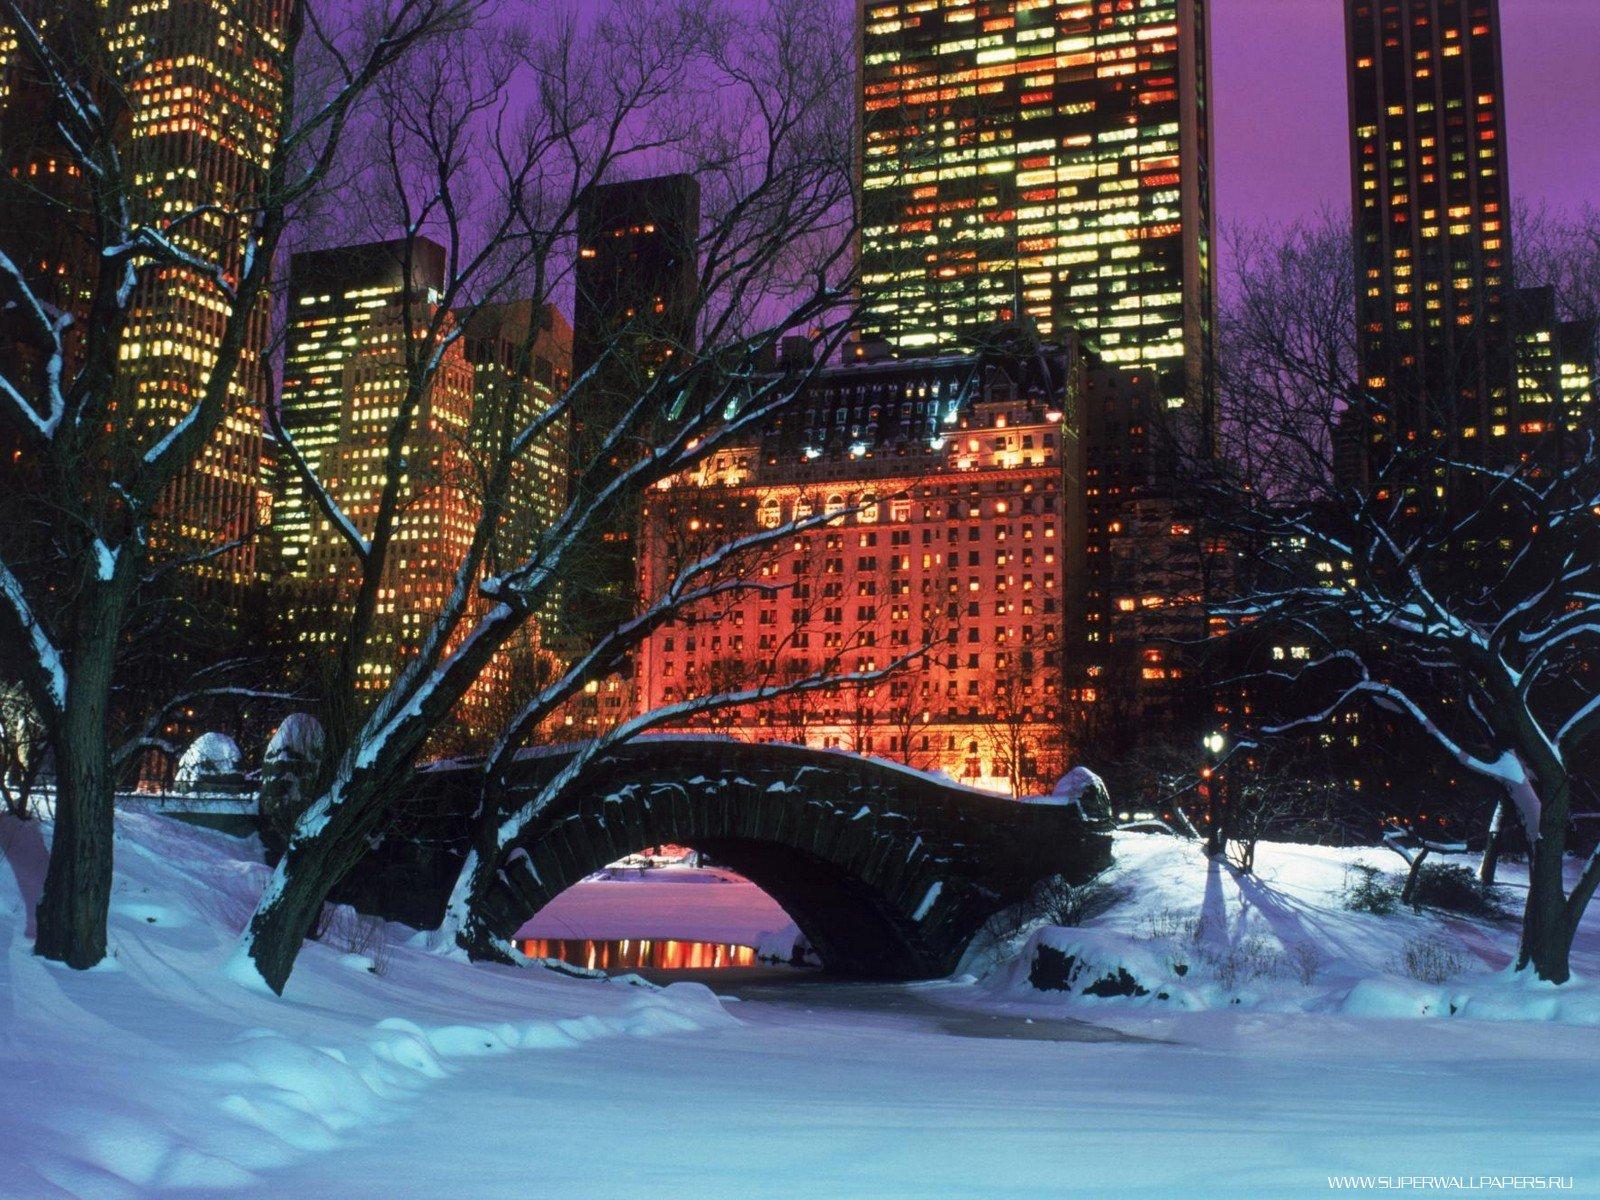 Центральный парк зимой - Нью -Йорк обои